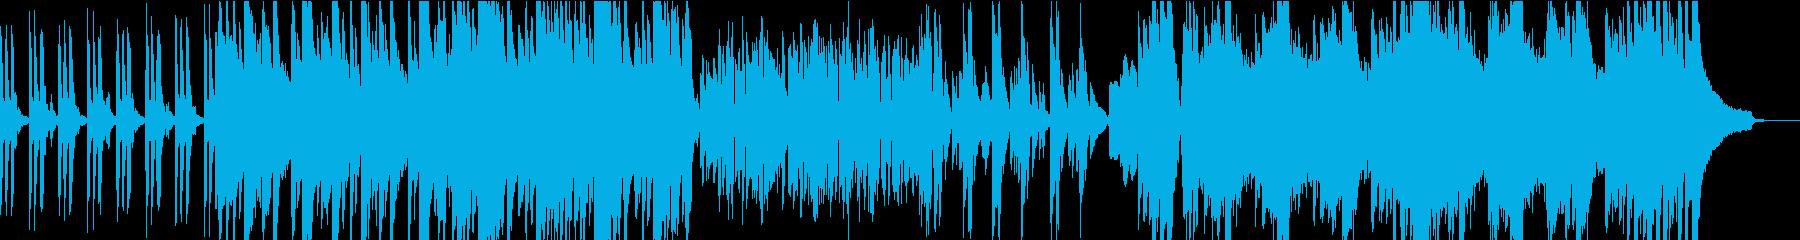 カッコよくて孤独のようなピアノ曲ですの再生済みの波形